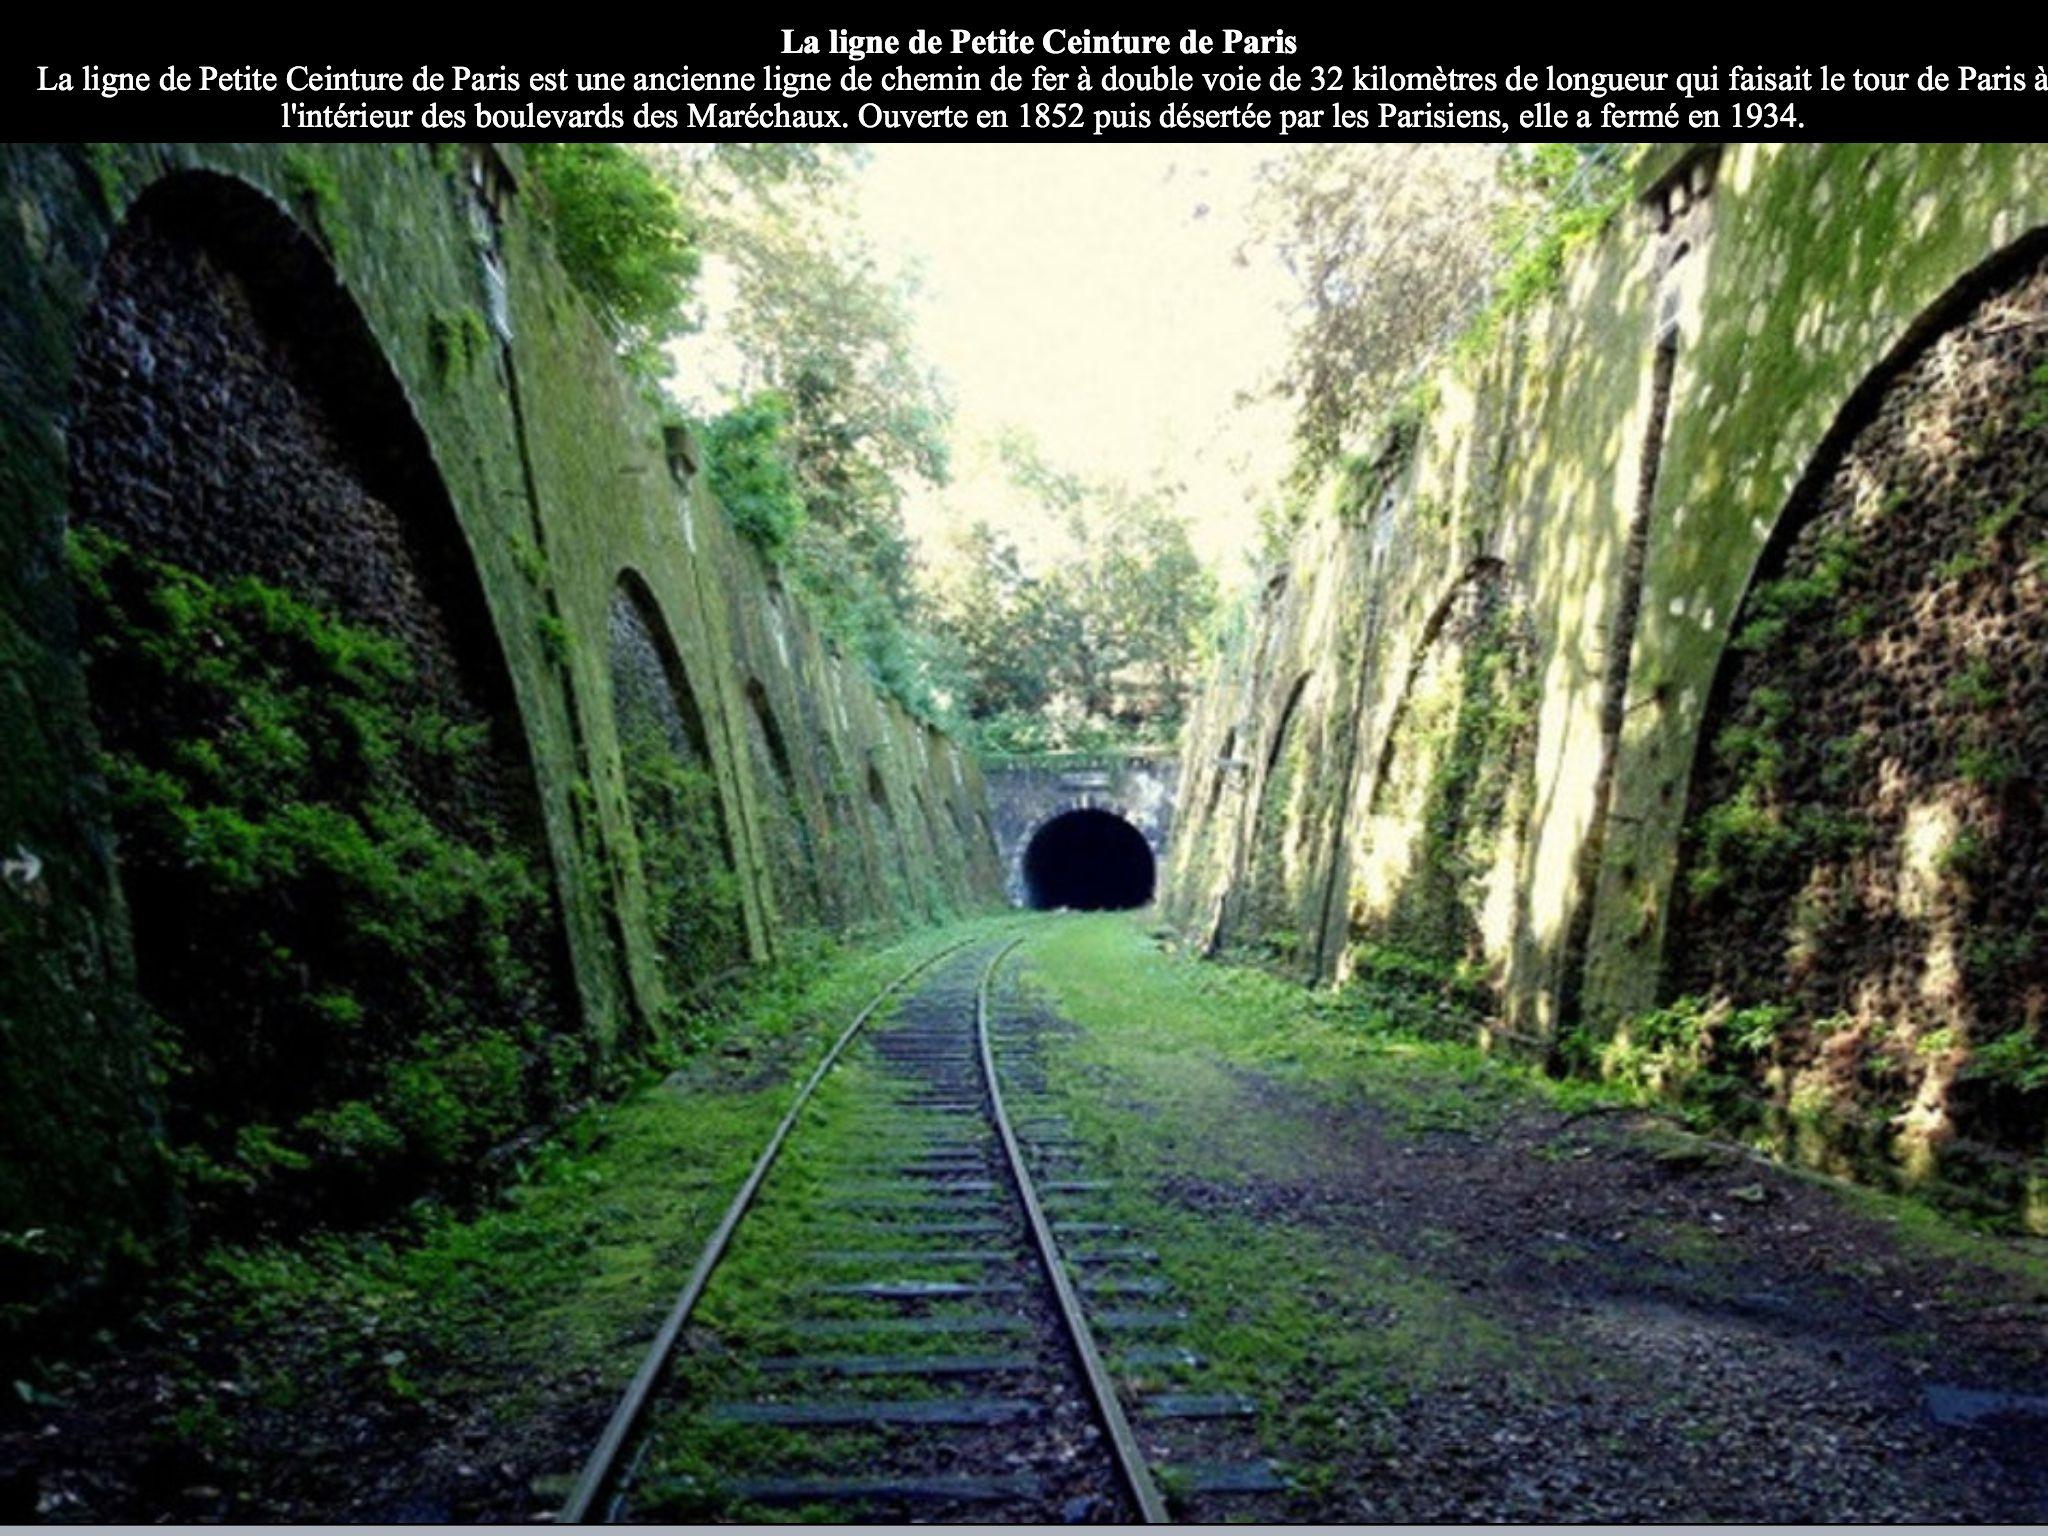 La ligne de petite ceinture de Paris ligne de chemin de fer ouverte en 1852 puis désertée par les parisiens elle a fermé en 1934